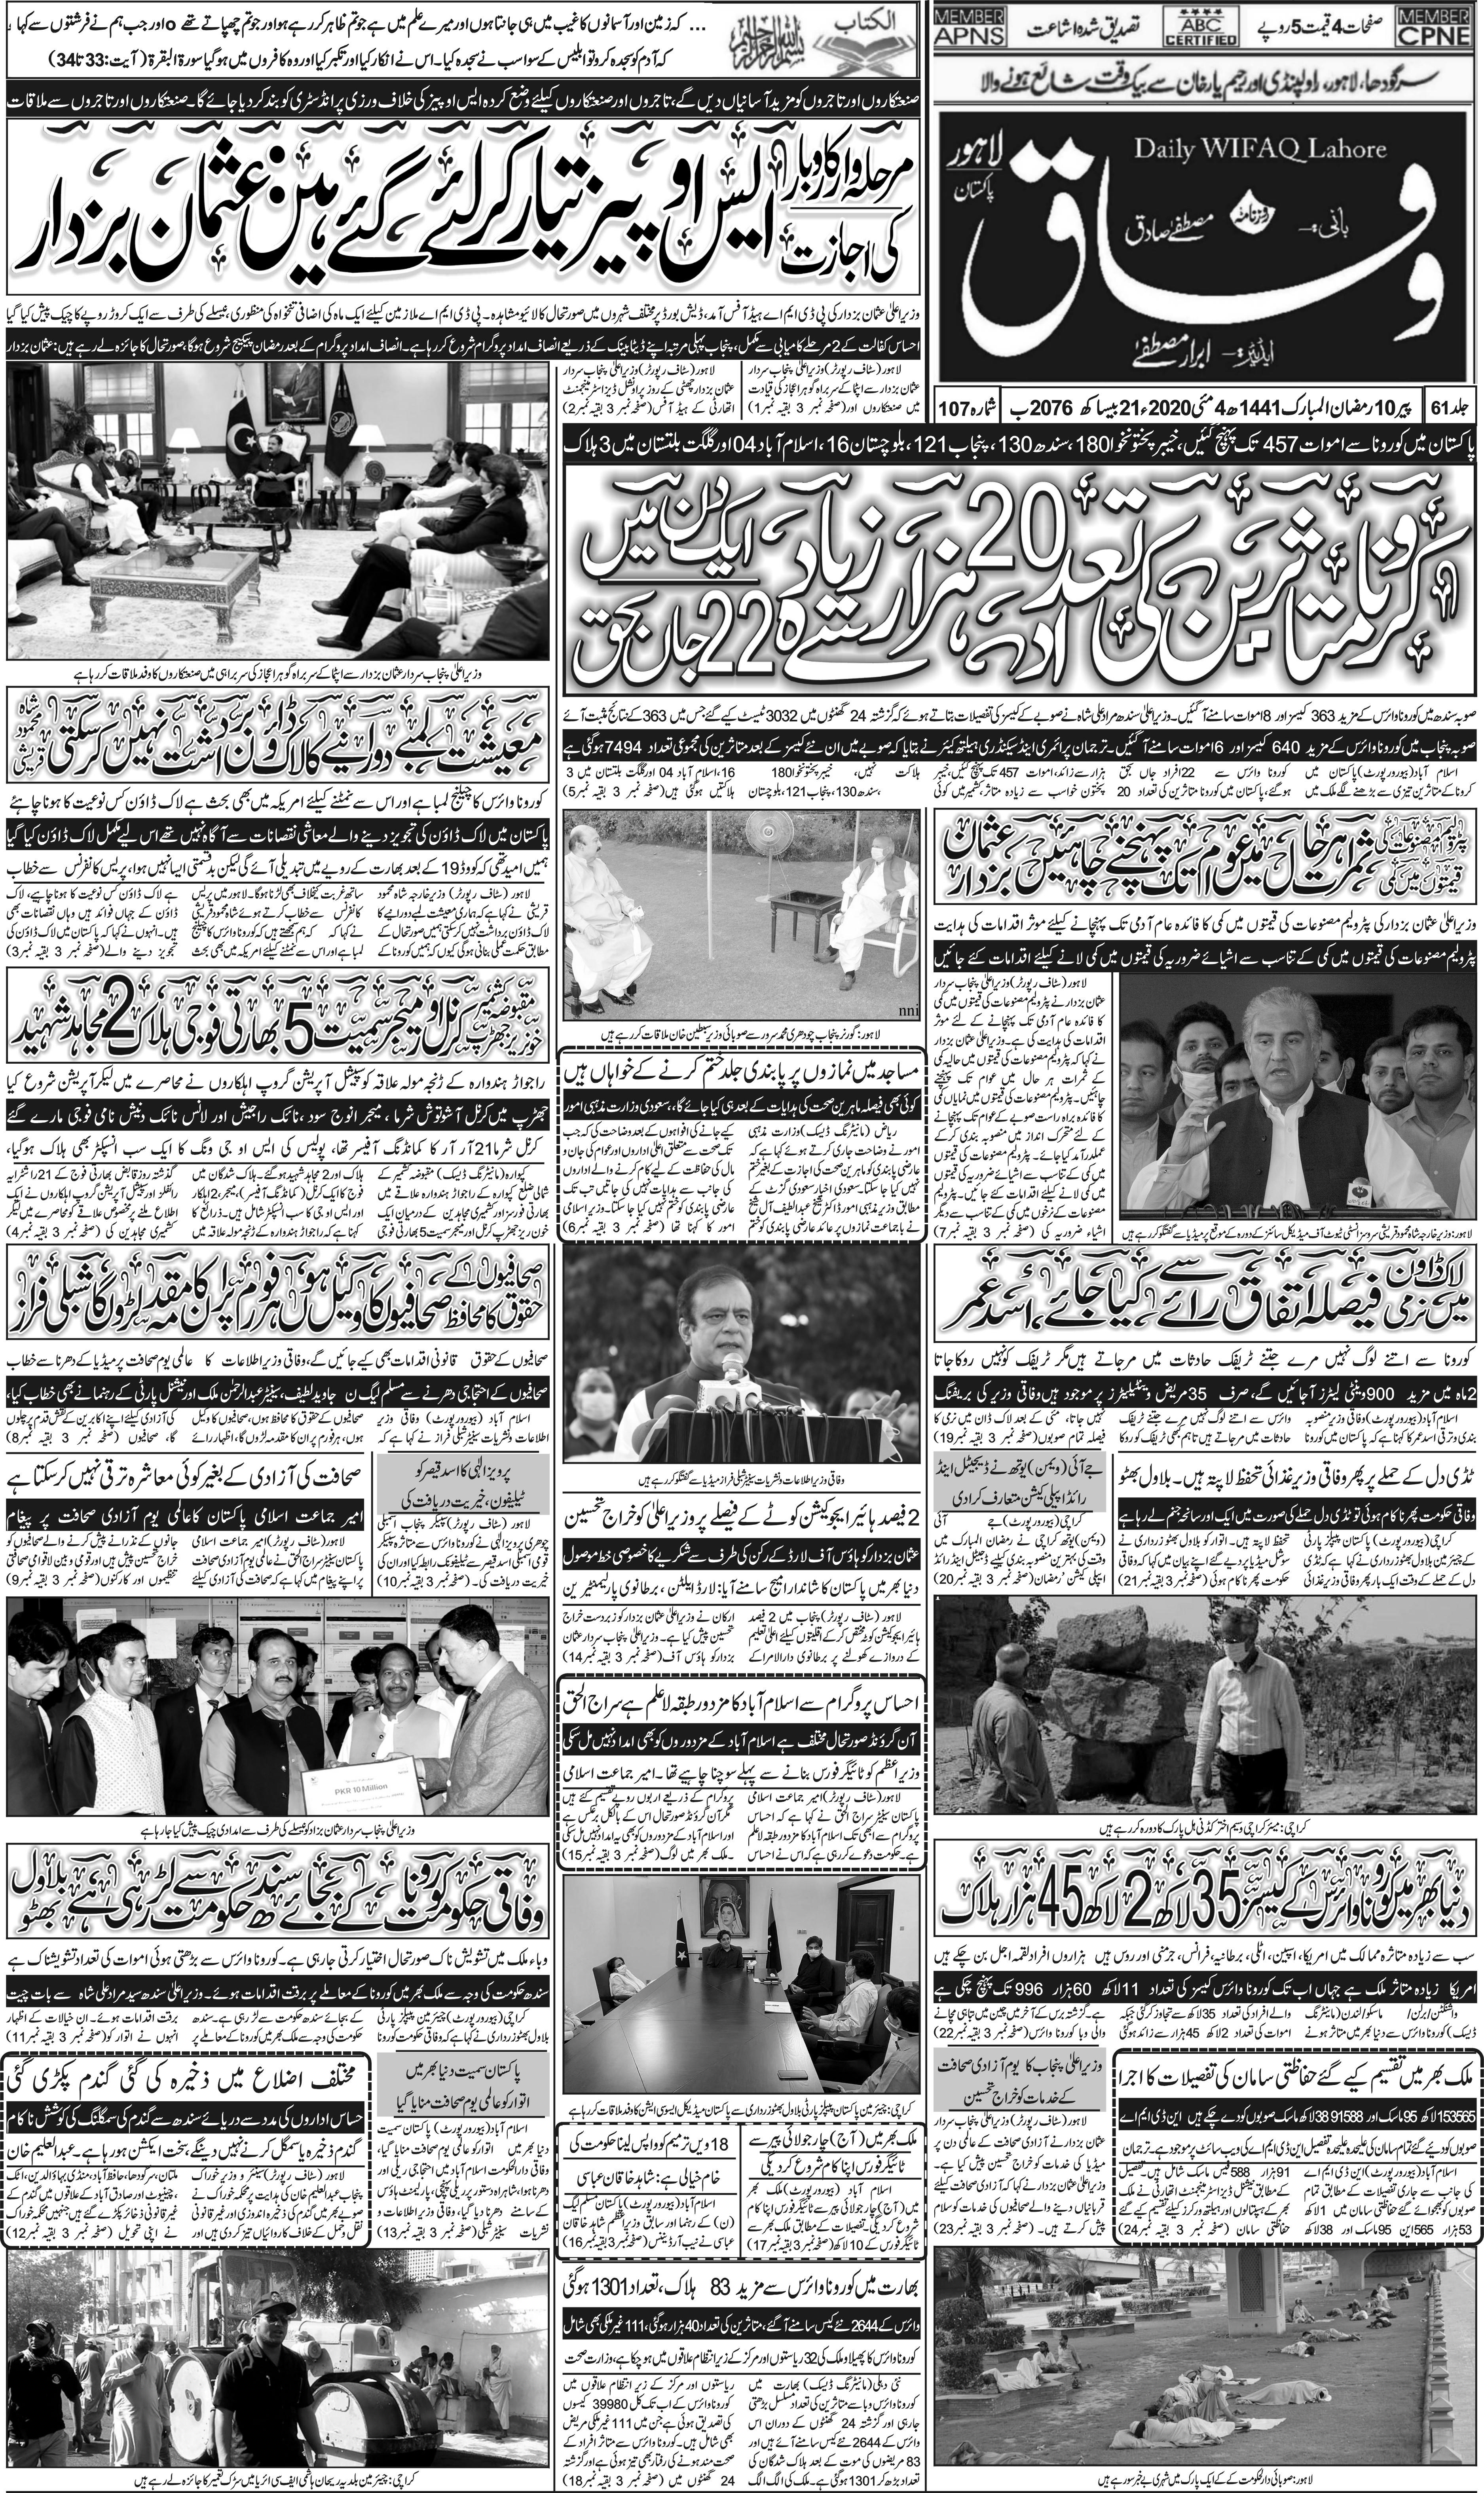 e-Paper – Daily Wifaq – 04-05-2020